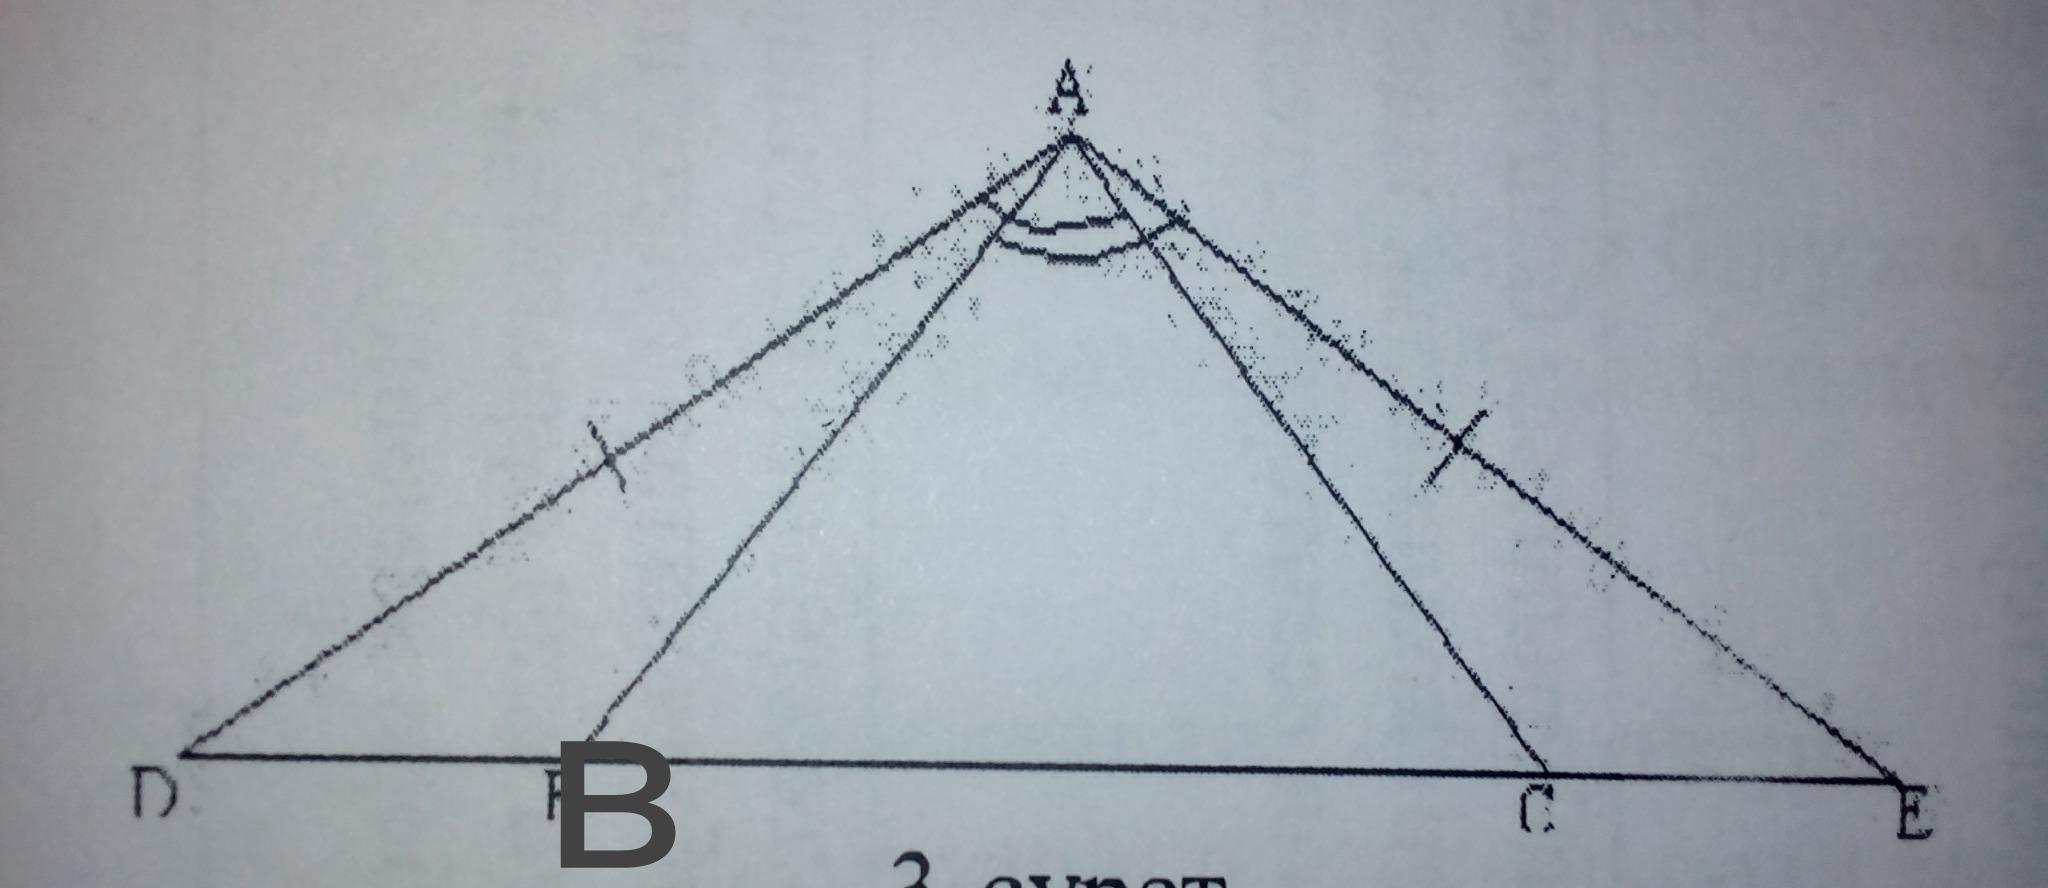 Используя данные на рисунке и что AD=AE, угол CAD = угол ВАЕ, докажите что BD=CE